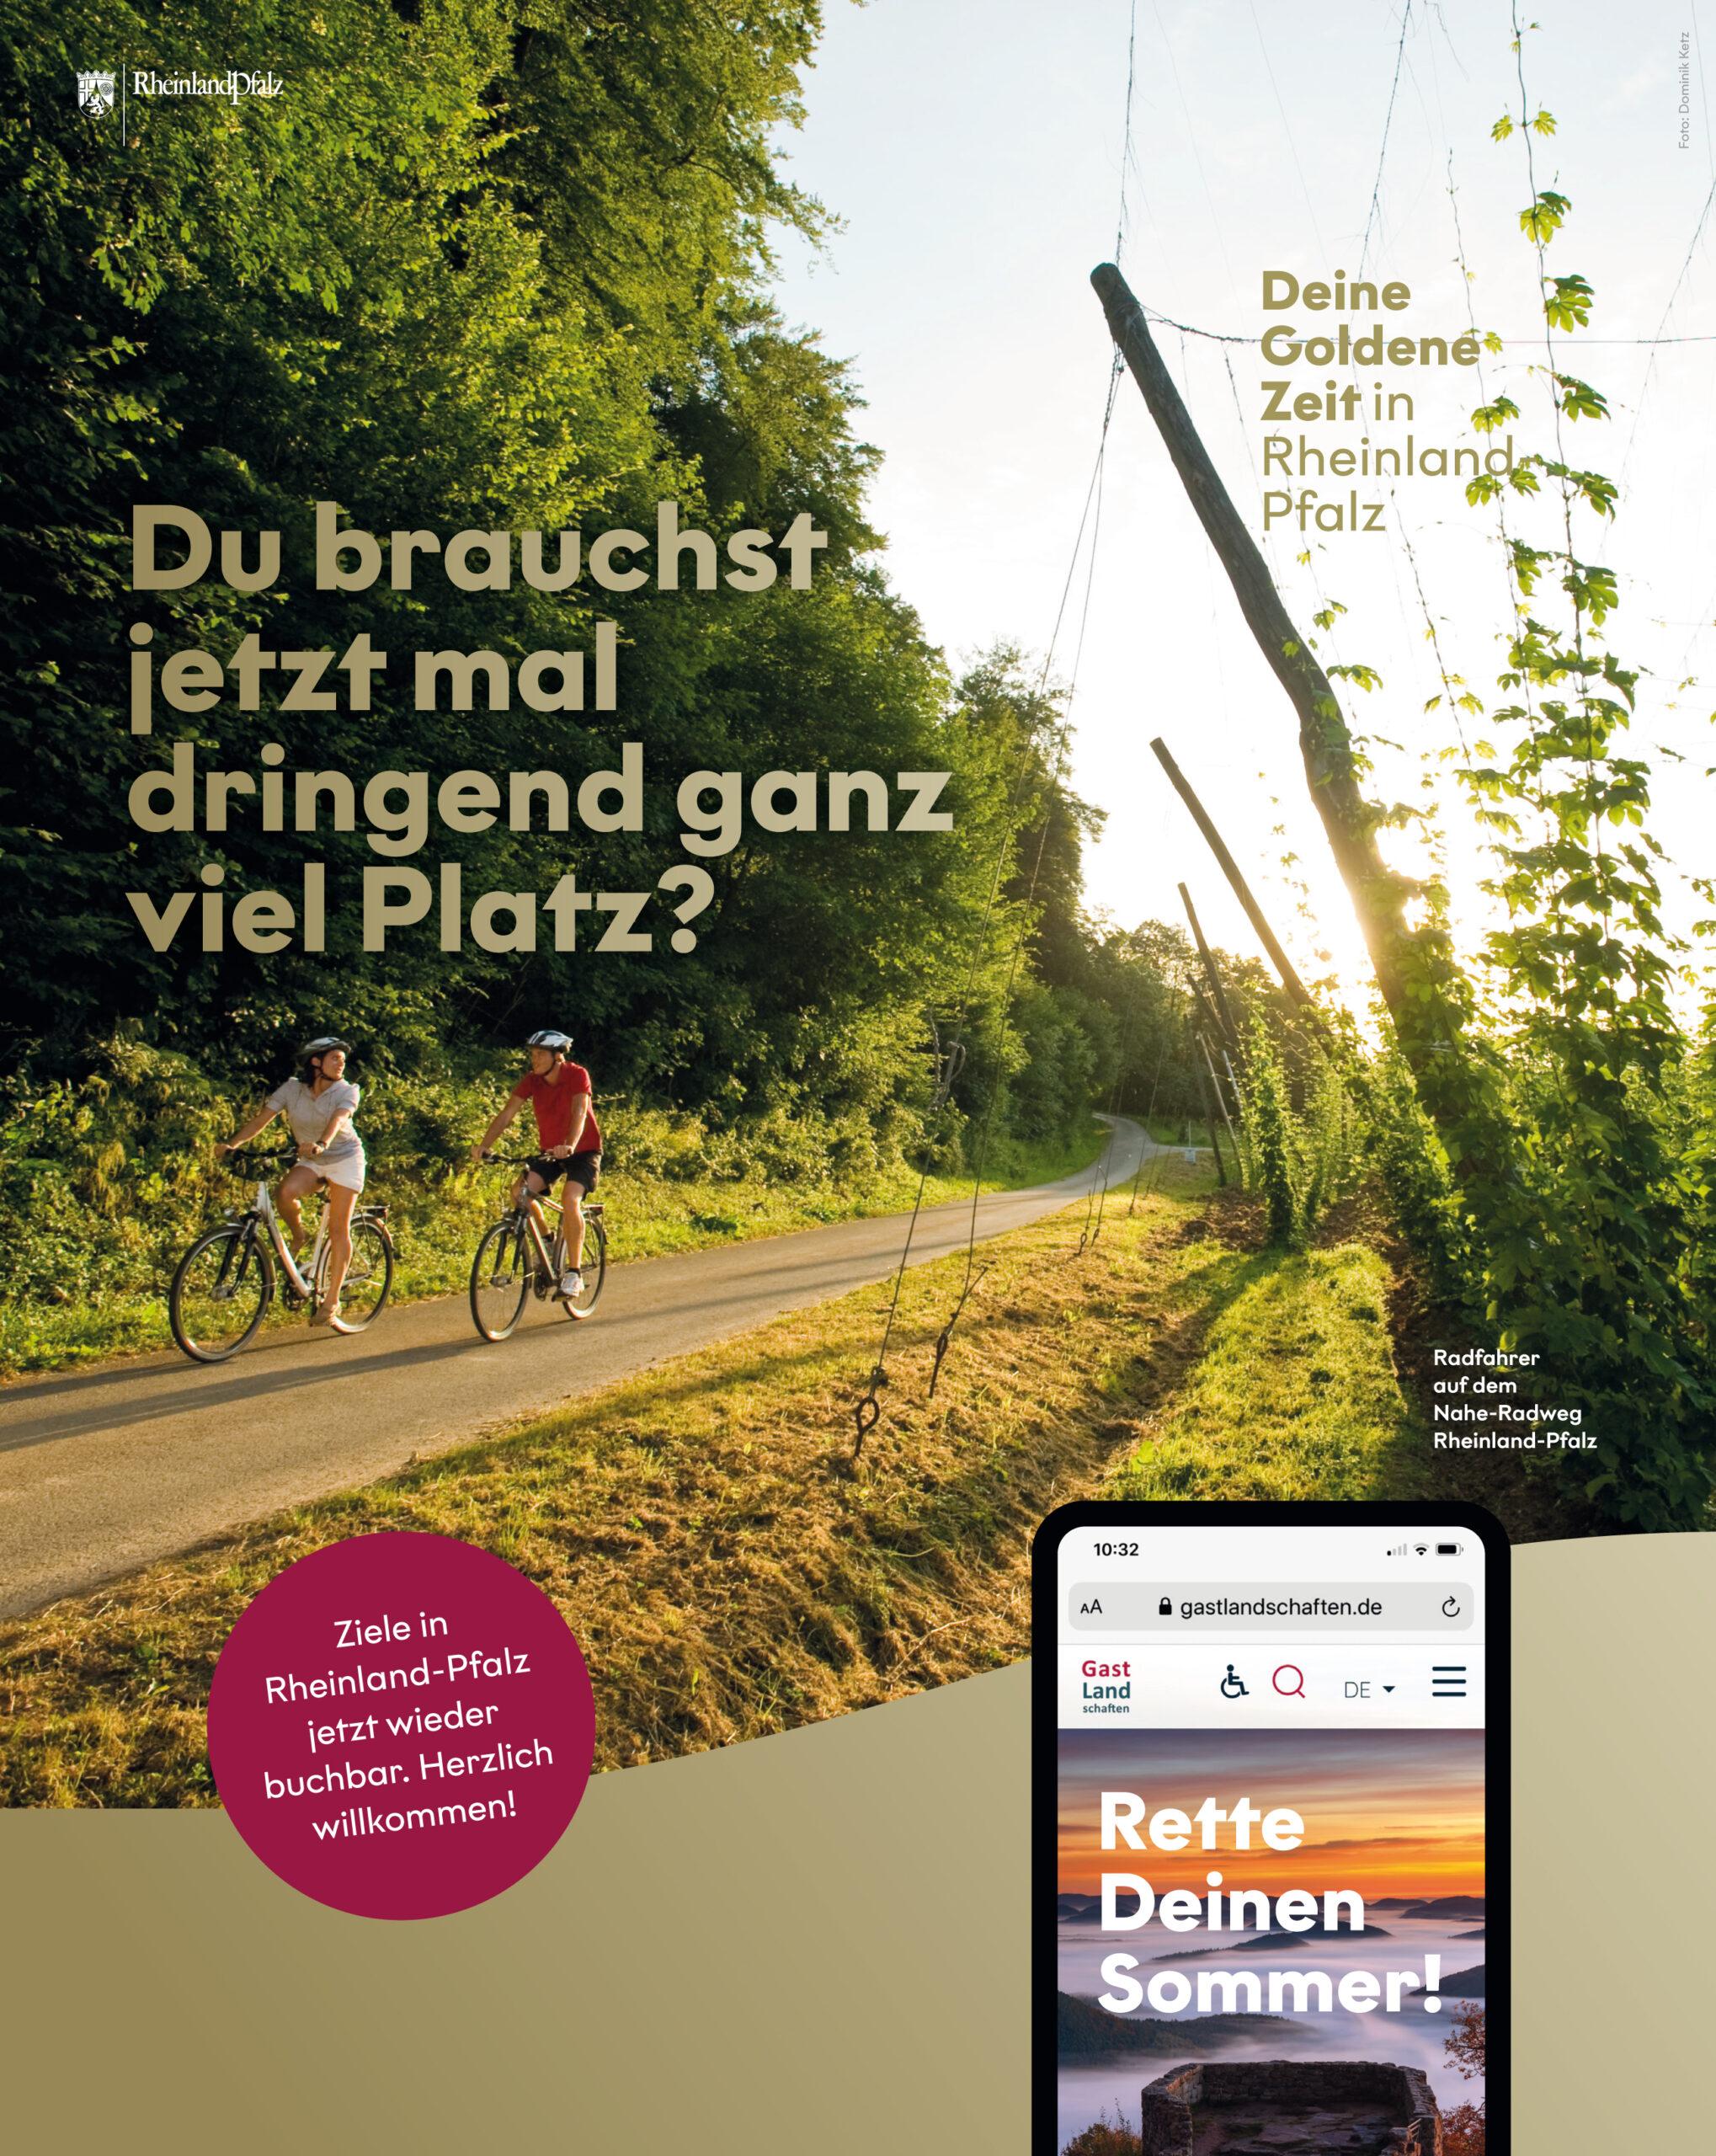 """Neue Tourismuskampagne für RLP: """"Deine Goldene Zeit in Rheinland-Pfalz"""""""